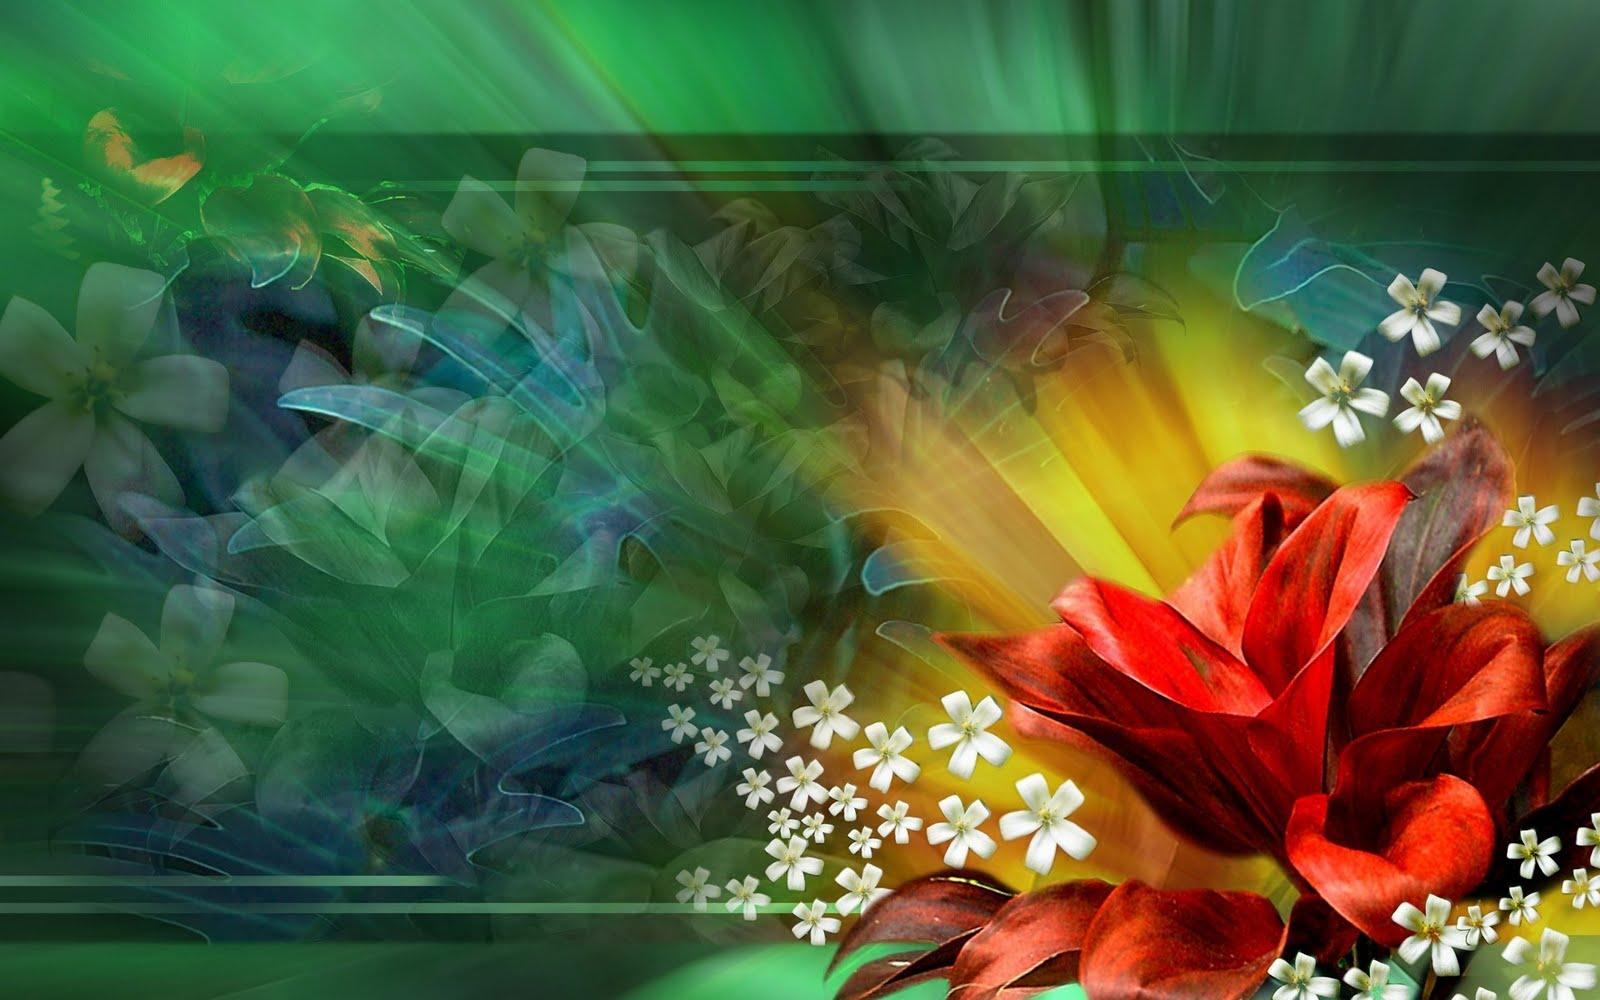 beautiful hd flower wallpaper - wallpapersafari